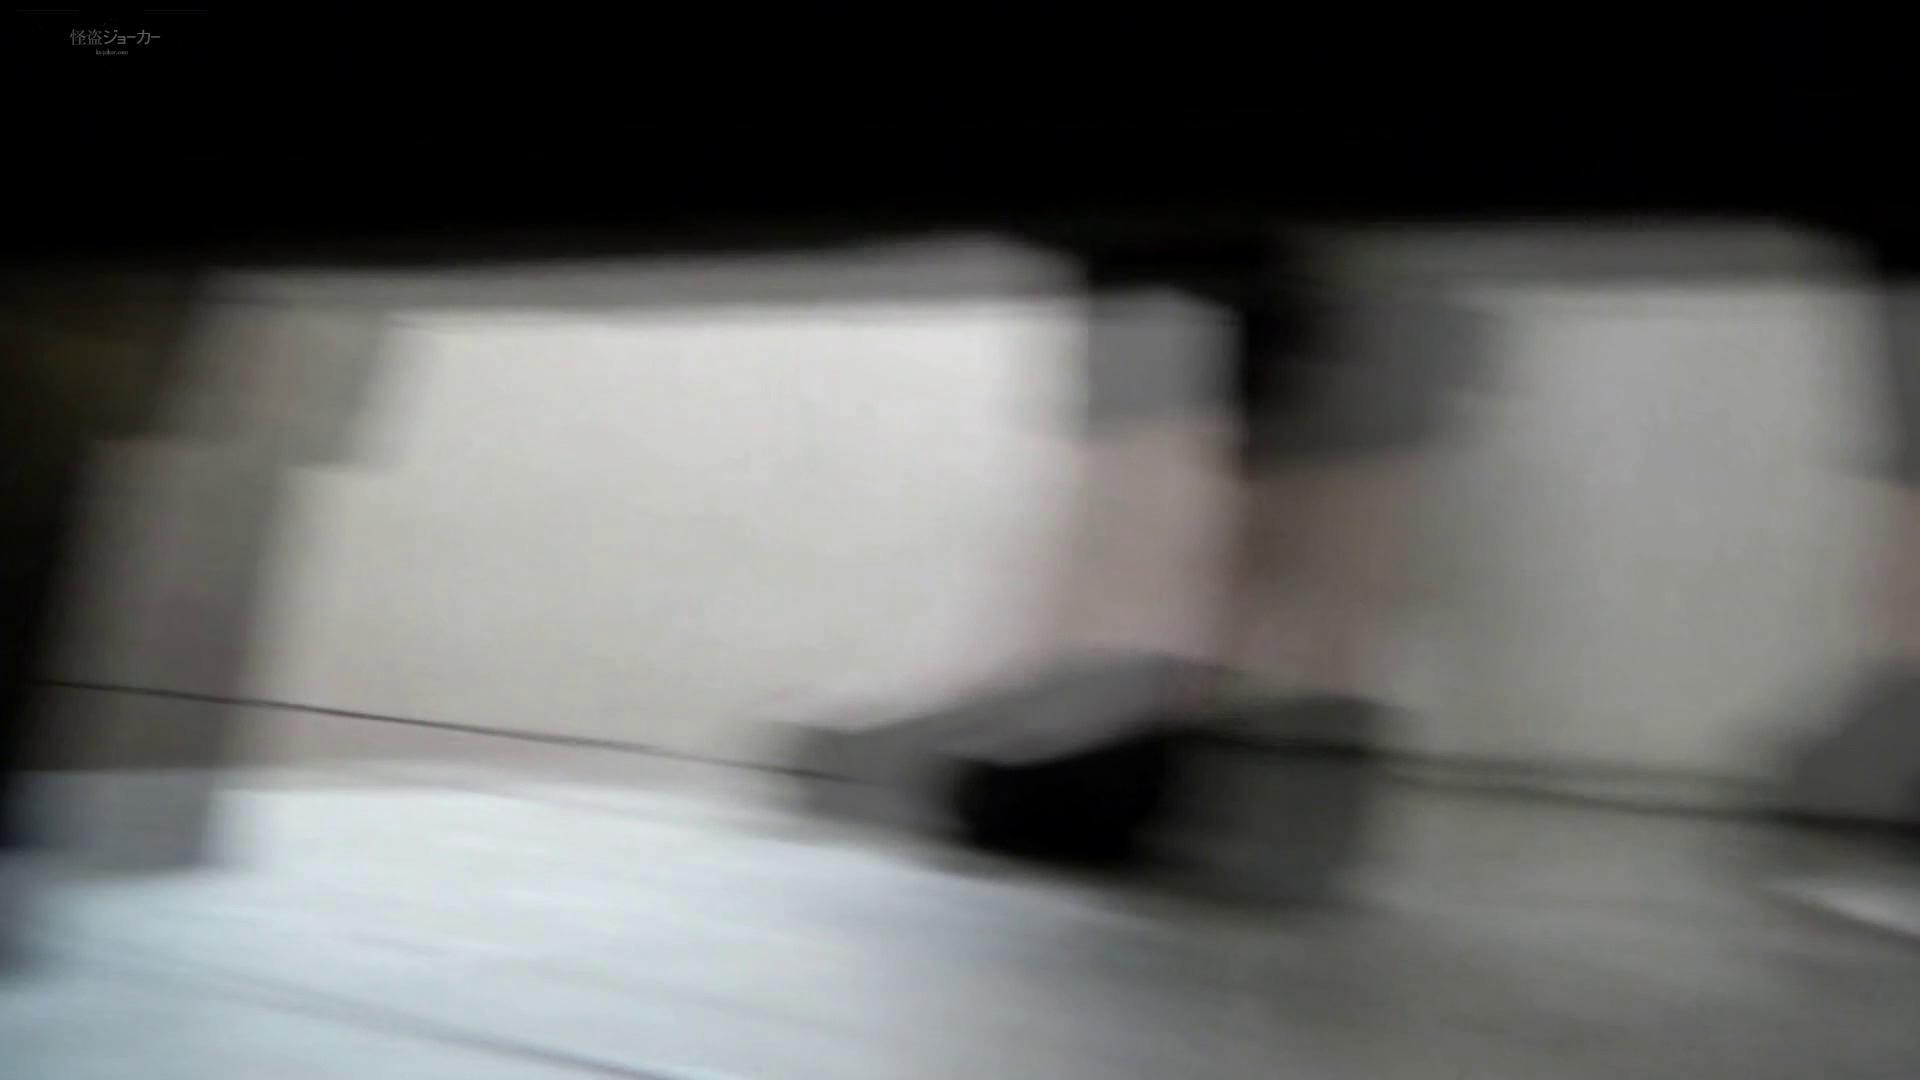 ステーション編 vol.26 壁を乗り越えたら絶景が待っていた!! 丸見え オマンコ無修正動画無料 94枚 51